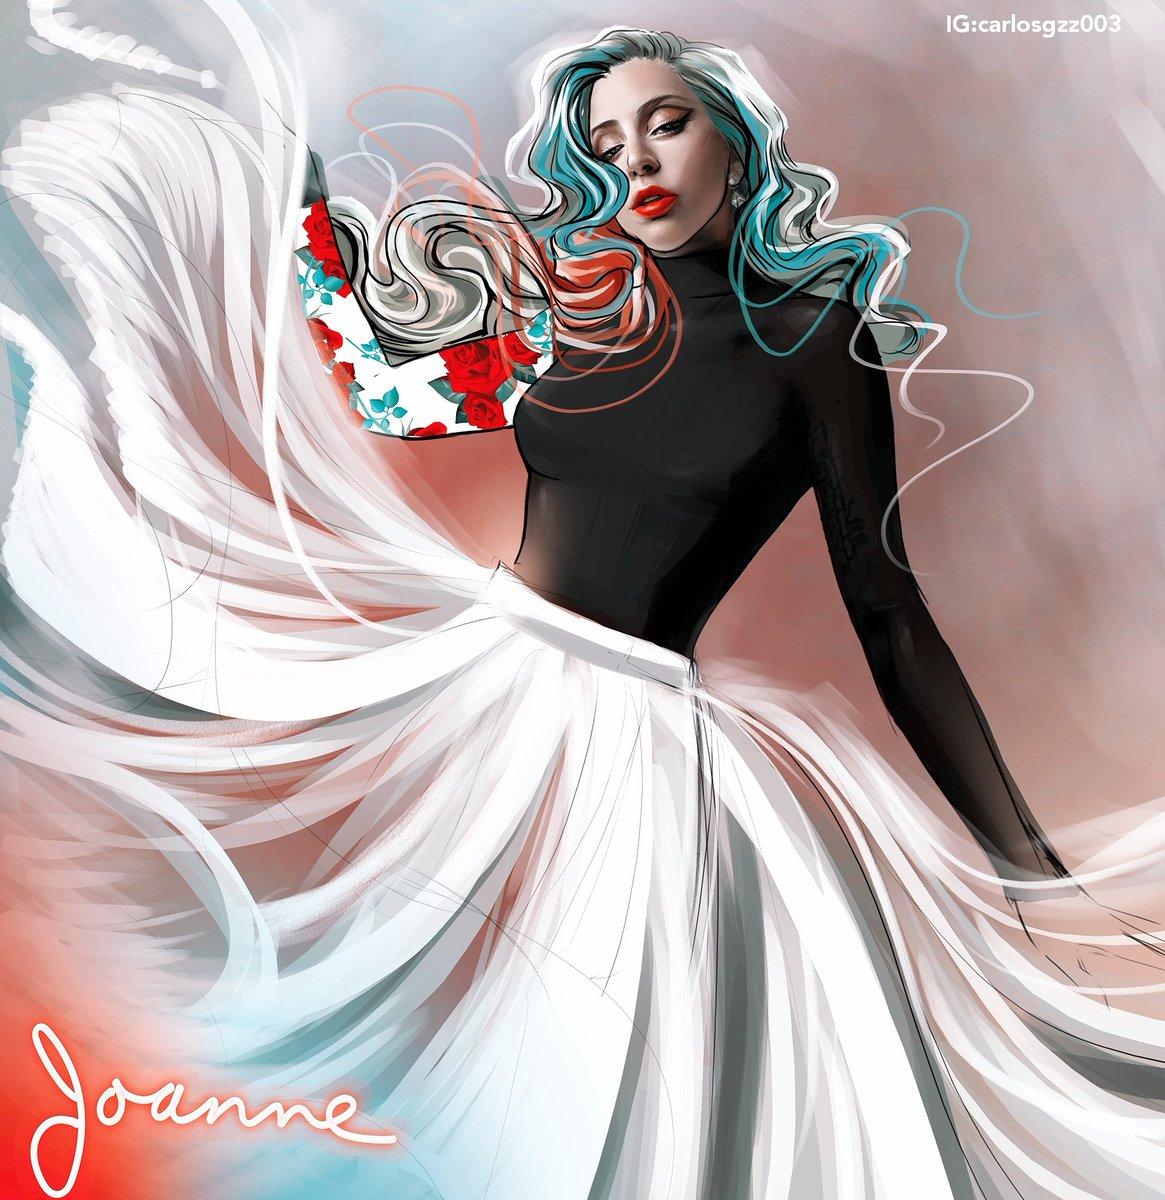 Lady Gaga ($275 million)